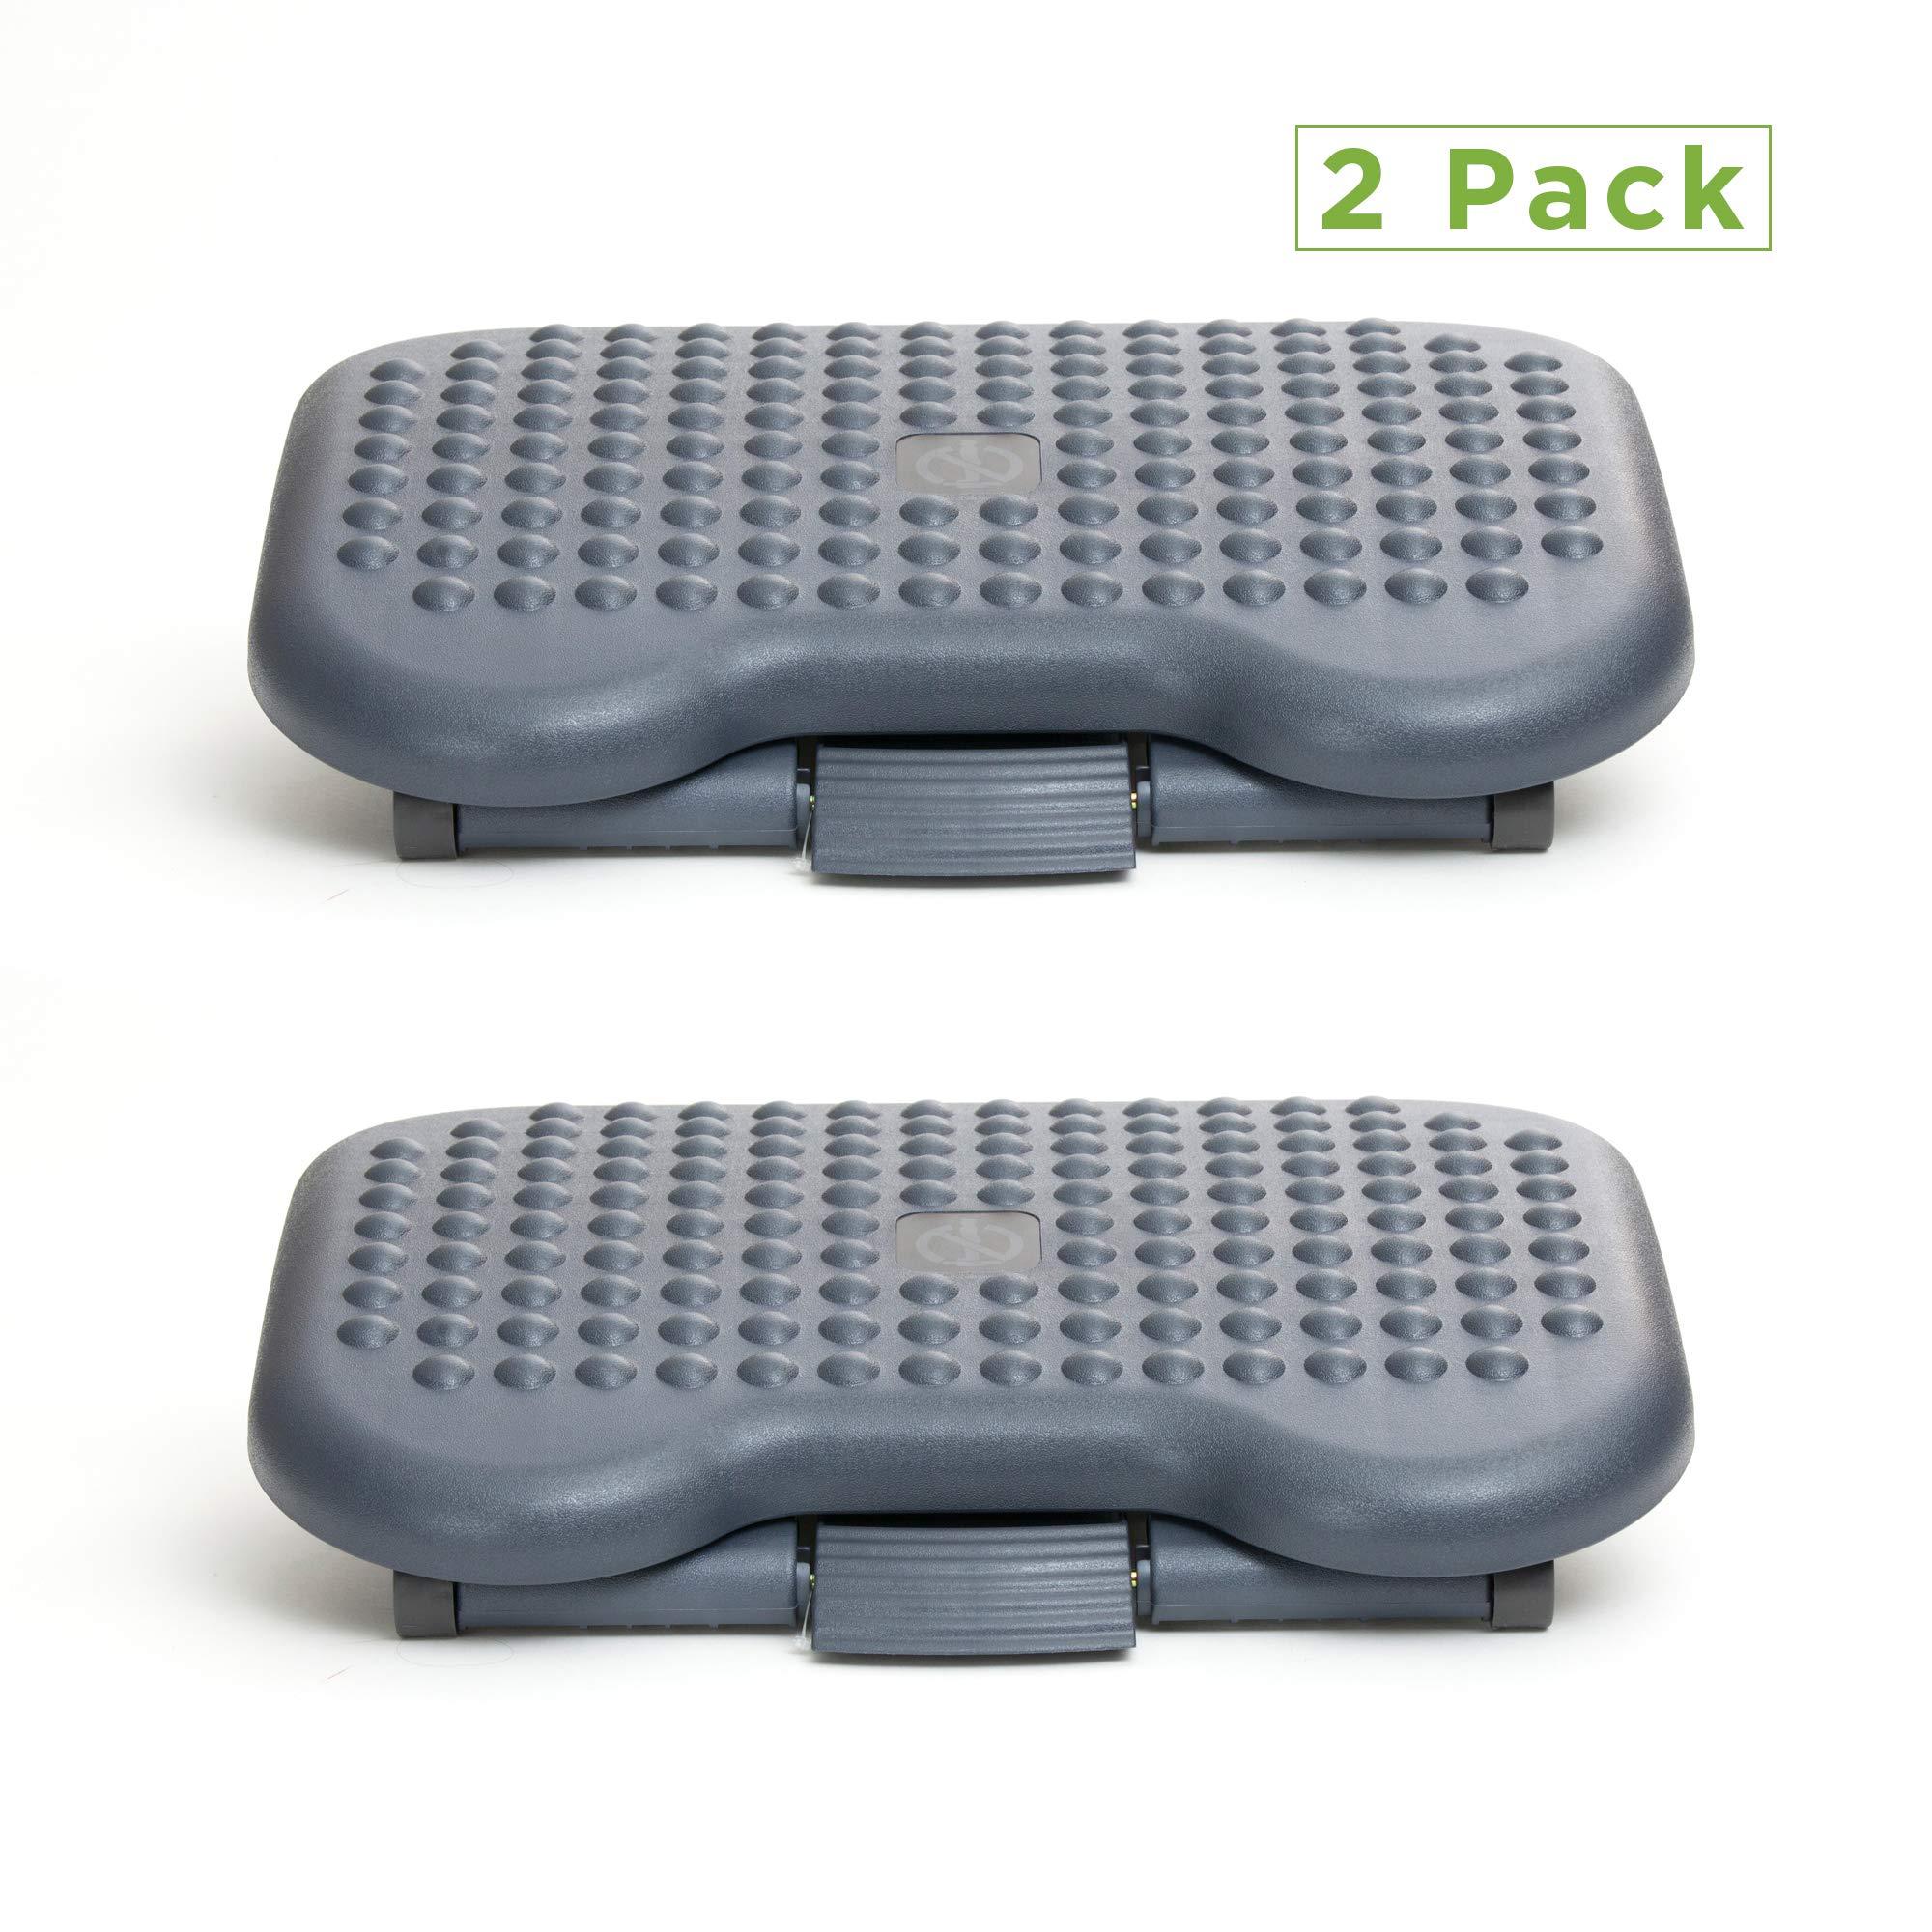 Mind Reader 2FTREST-BLK 2 Pack Adjustable Height Ergonomic Foot Rest, Black by Mind Reader